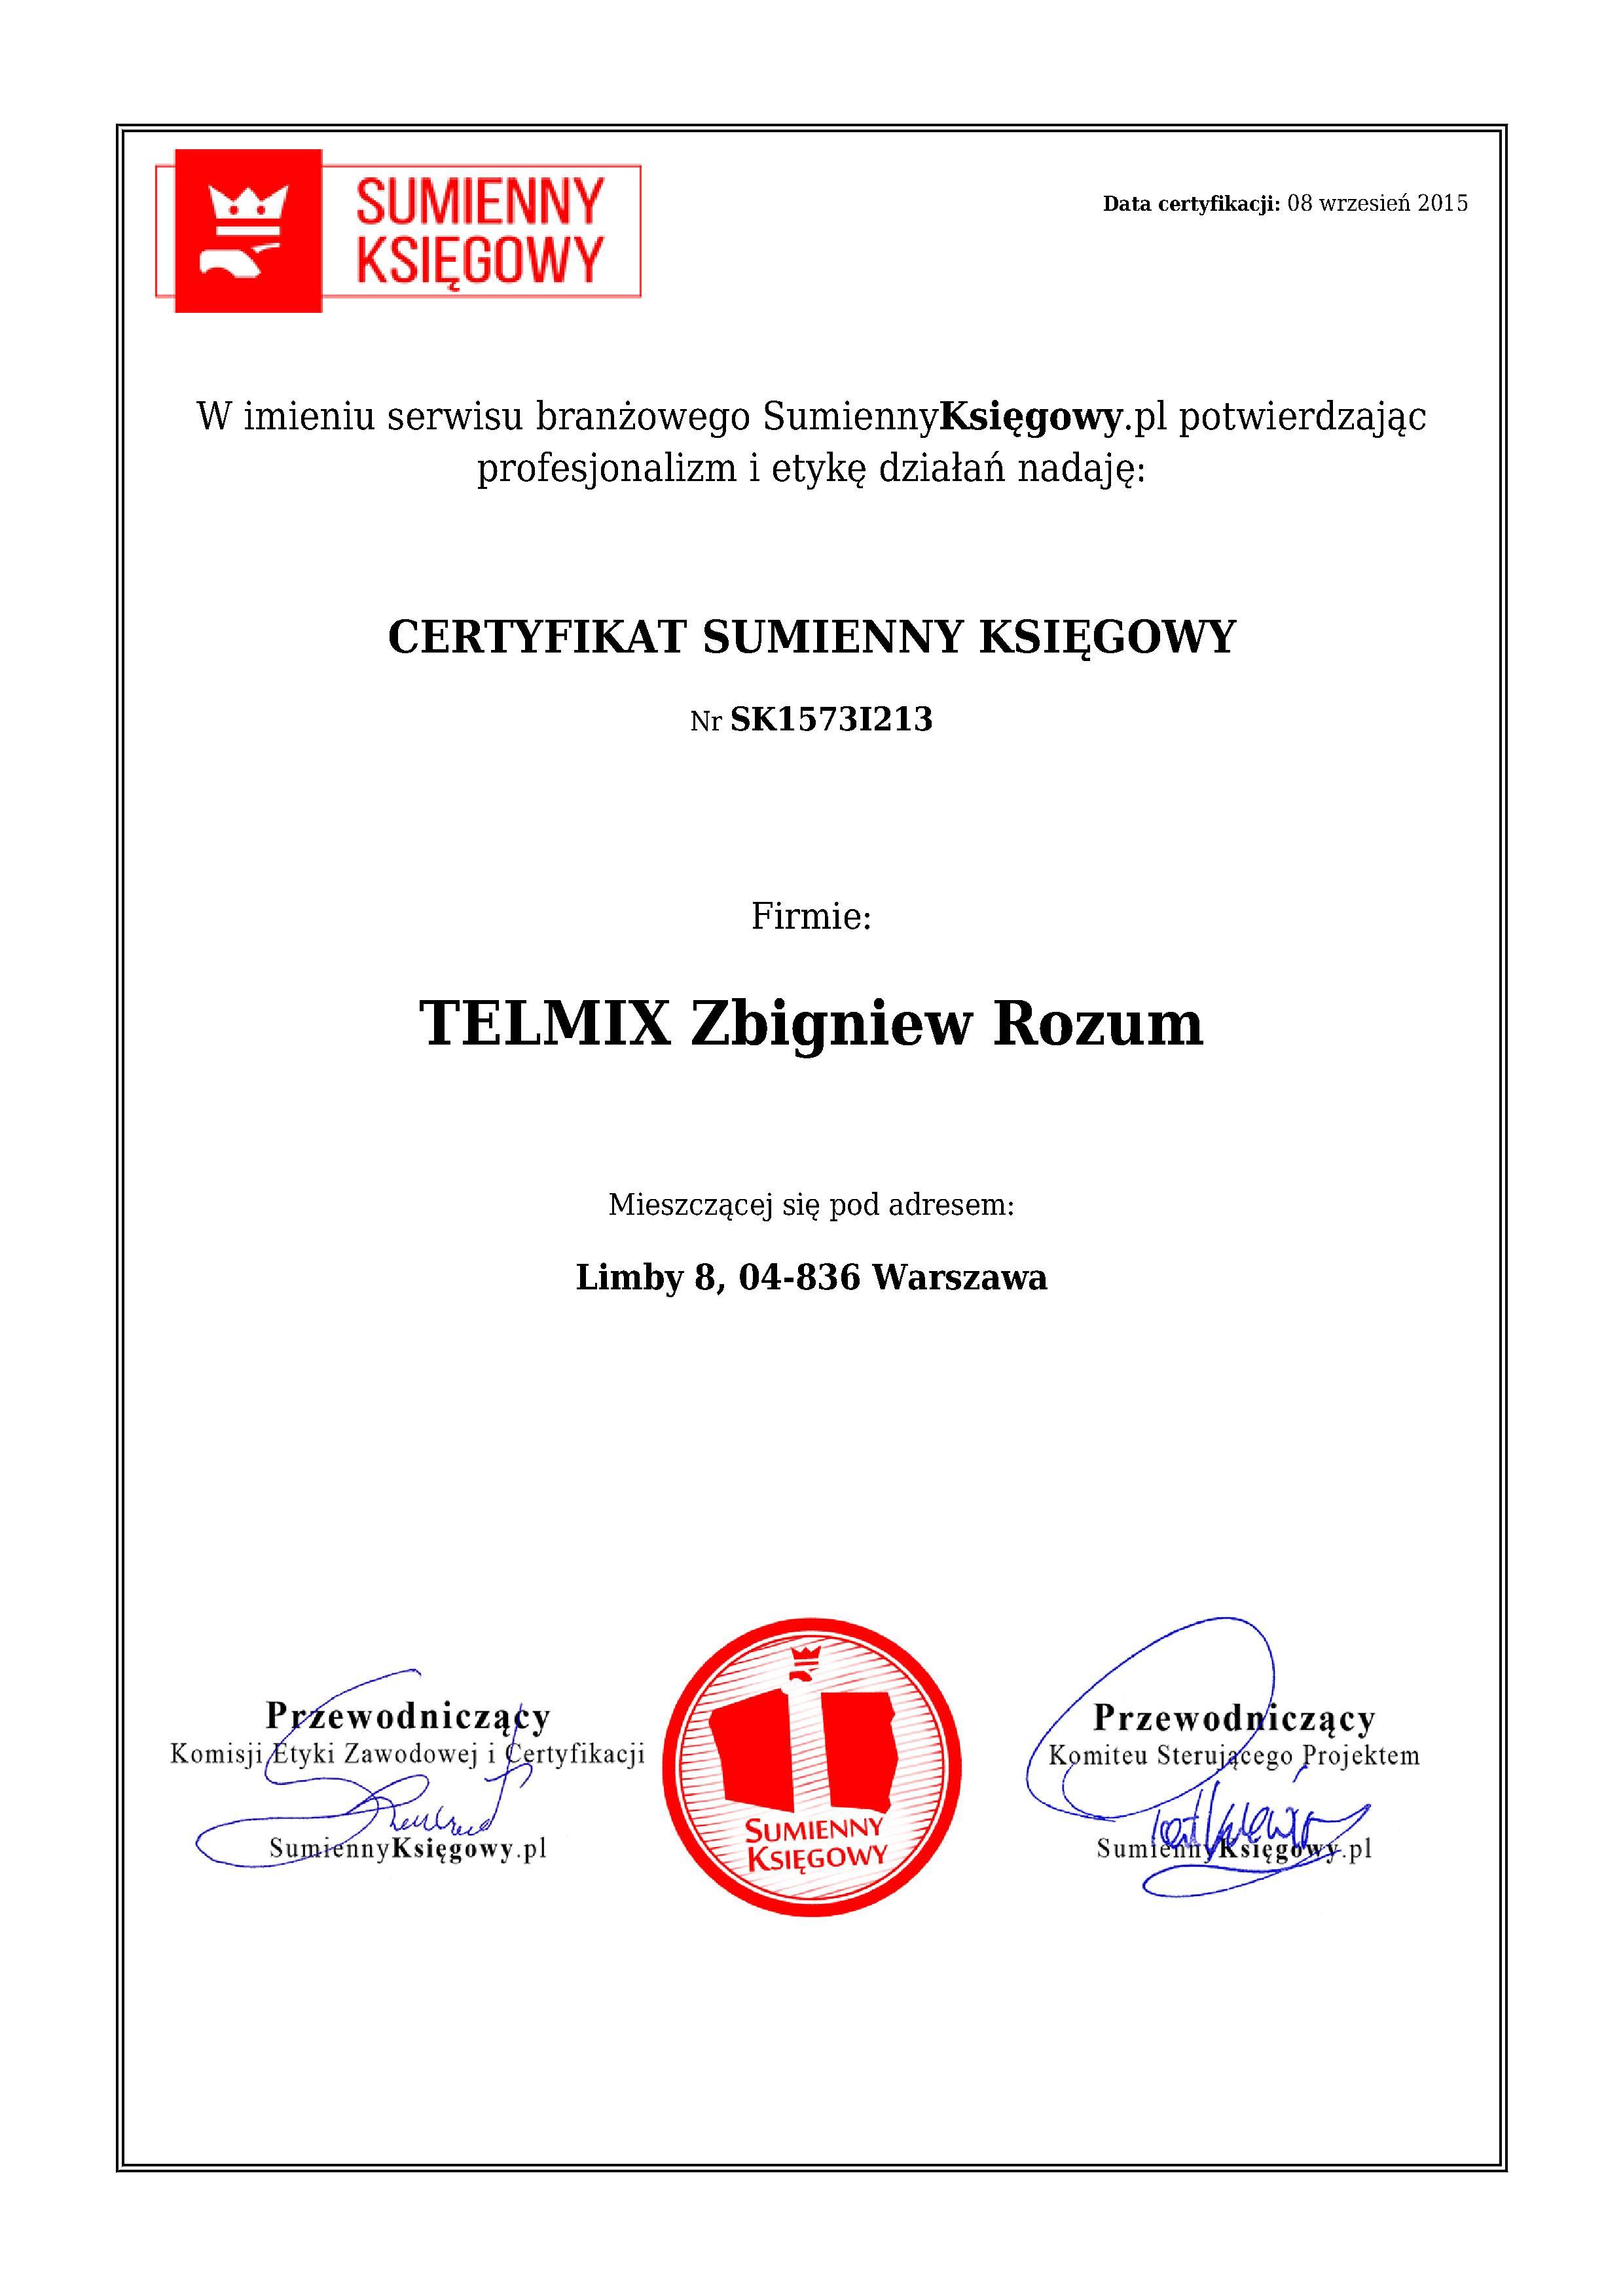 Certyfikat  TELMIX Zbigniew Rozum